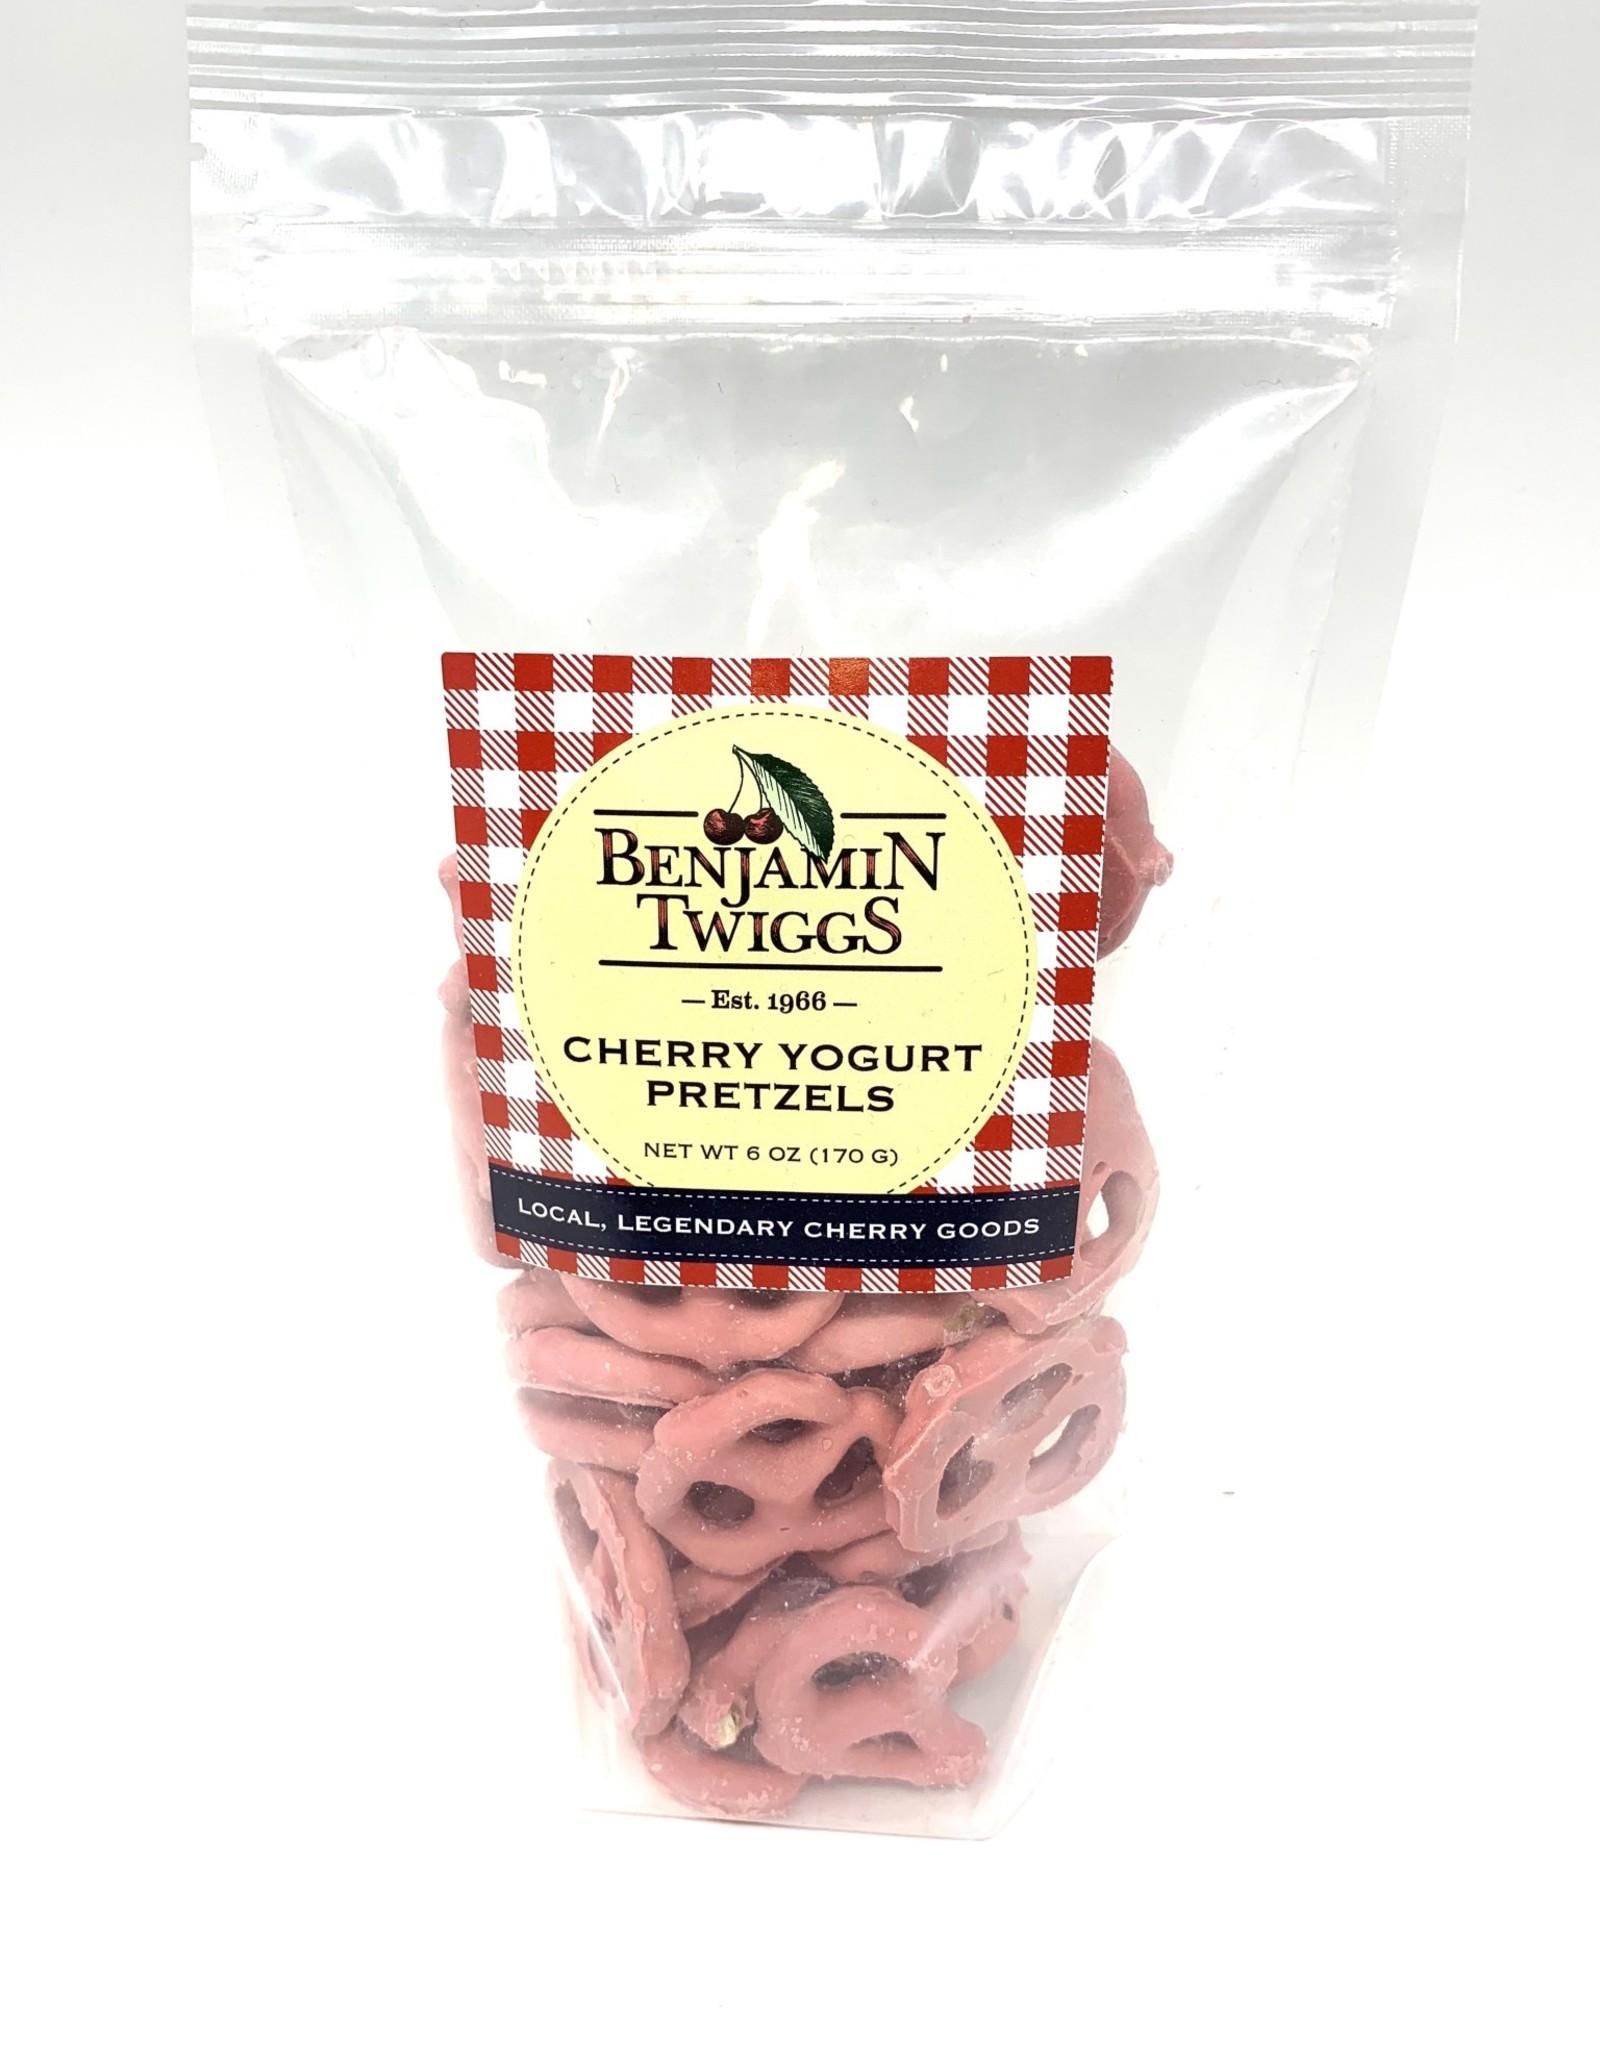 Benjamin Twiggs Cherry Yogurt Pretzels